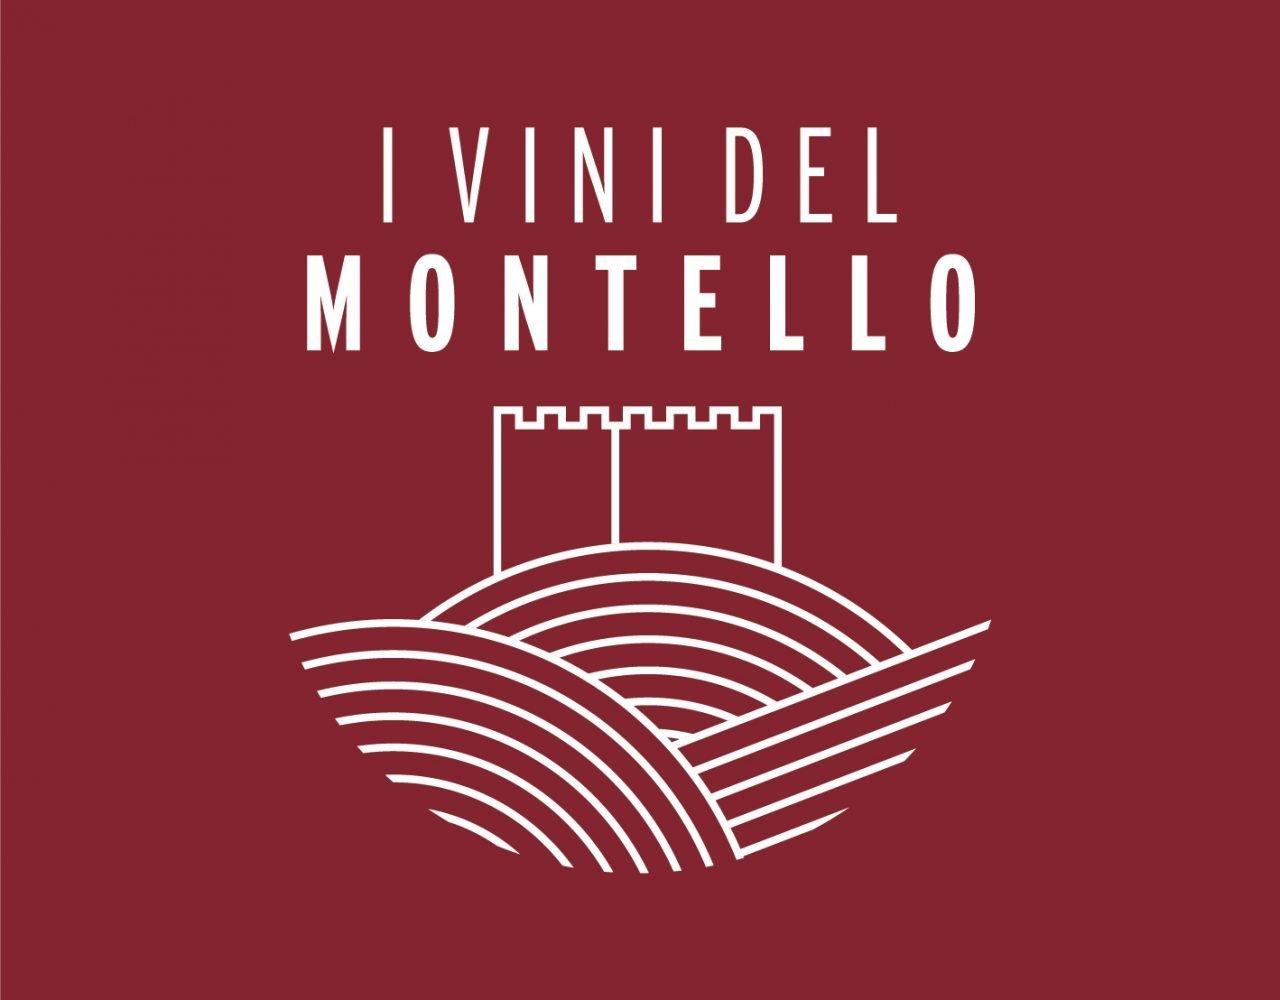 Vini del Montello: un'asta per raccogliere fondi a favore del centro Covid